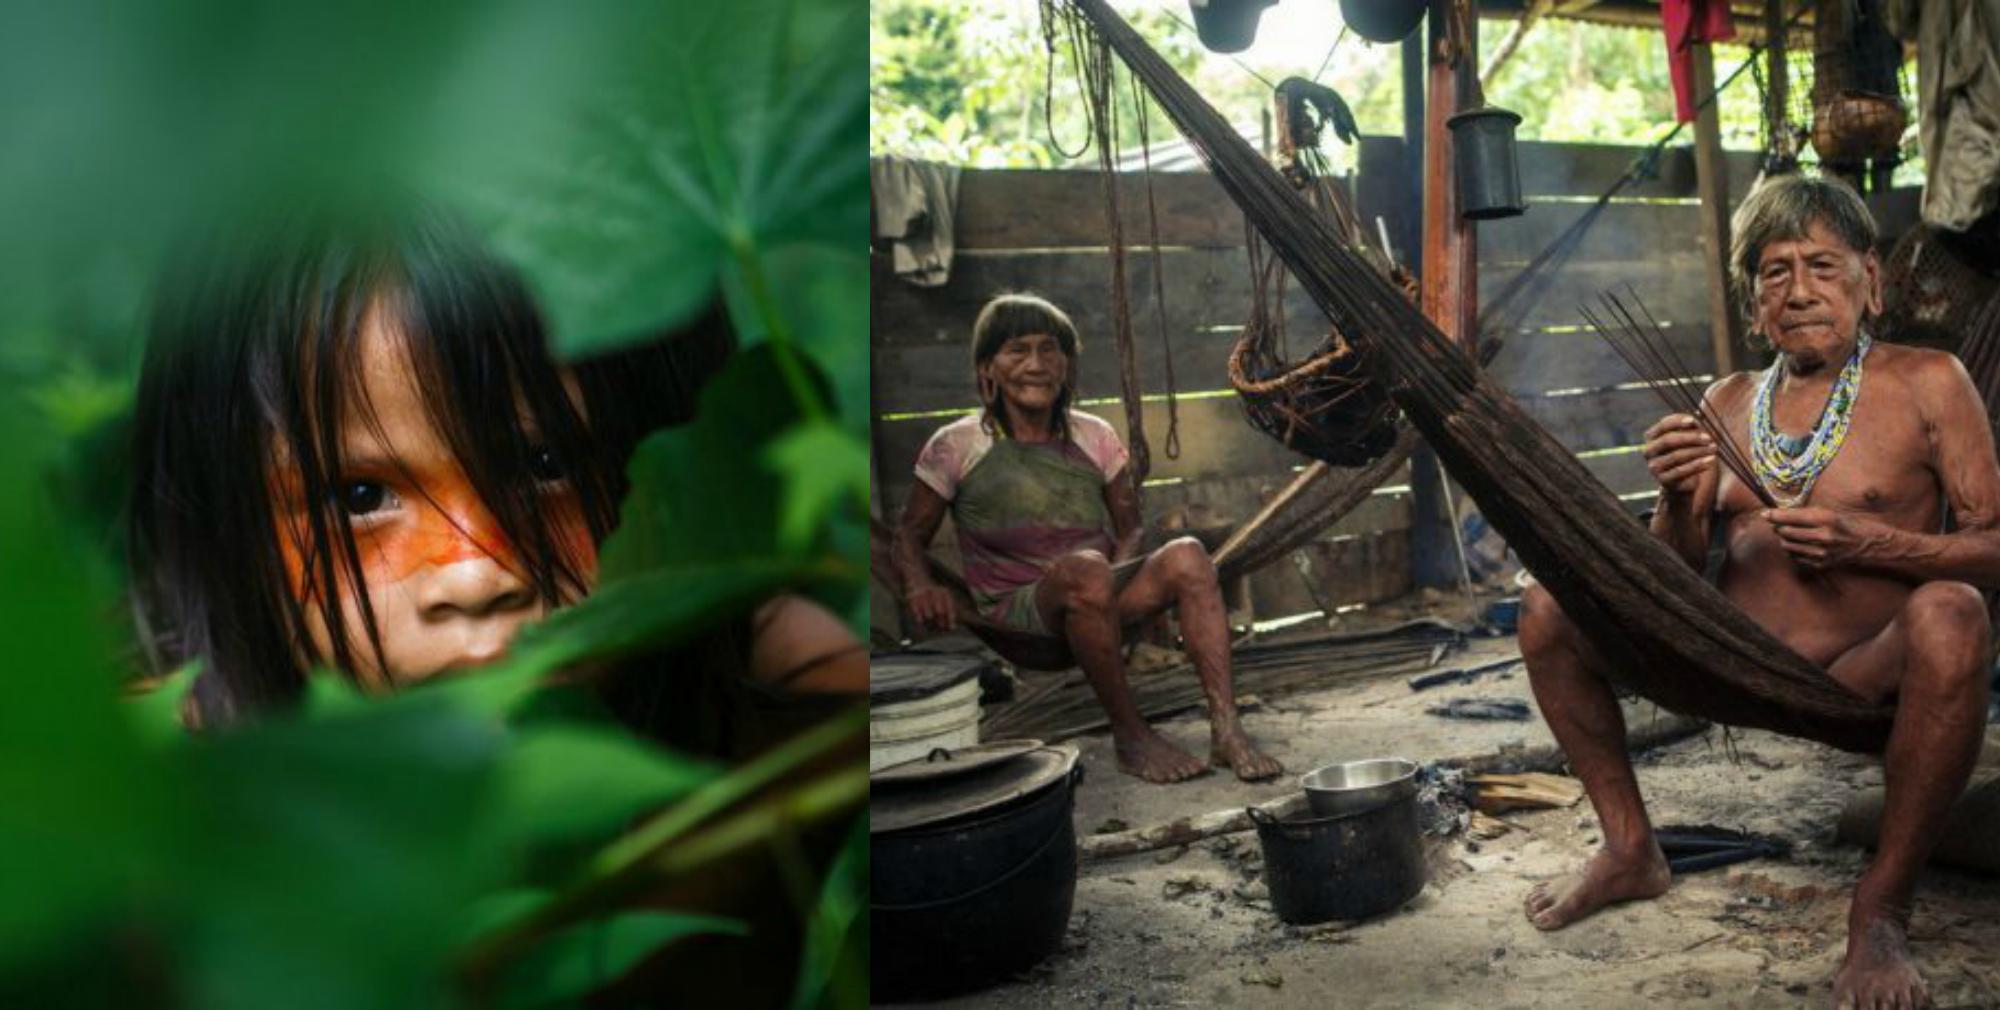 Ինչպես են ապրում վաորանի ցեղախմբի անդամները. ուշագրավ լուսանկարներ